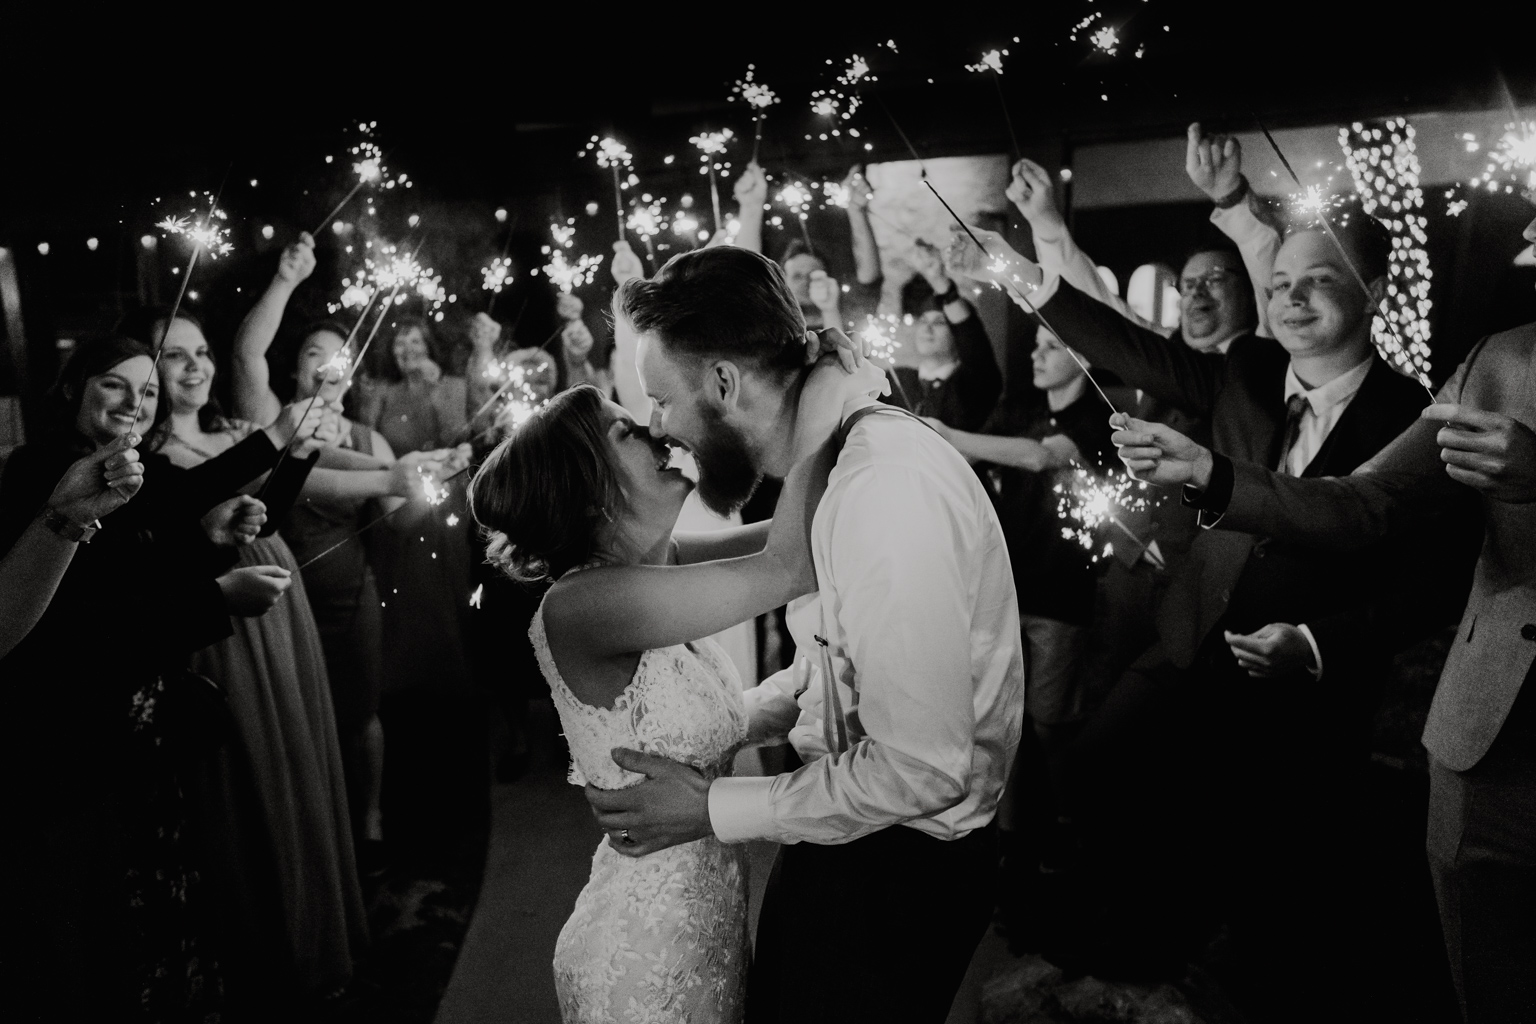 trouweninhetbuitenland_huwelijksfotografie_roxannedankers-68.jpg